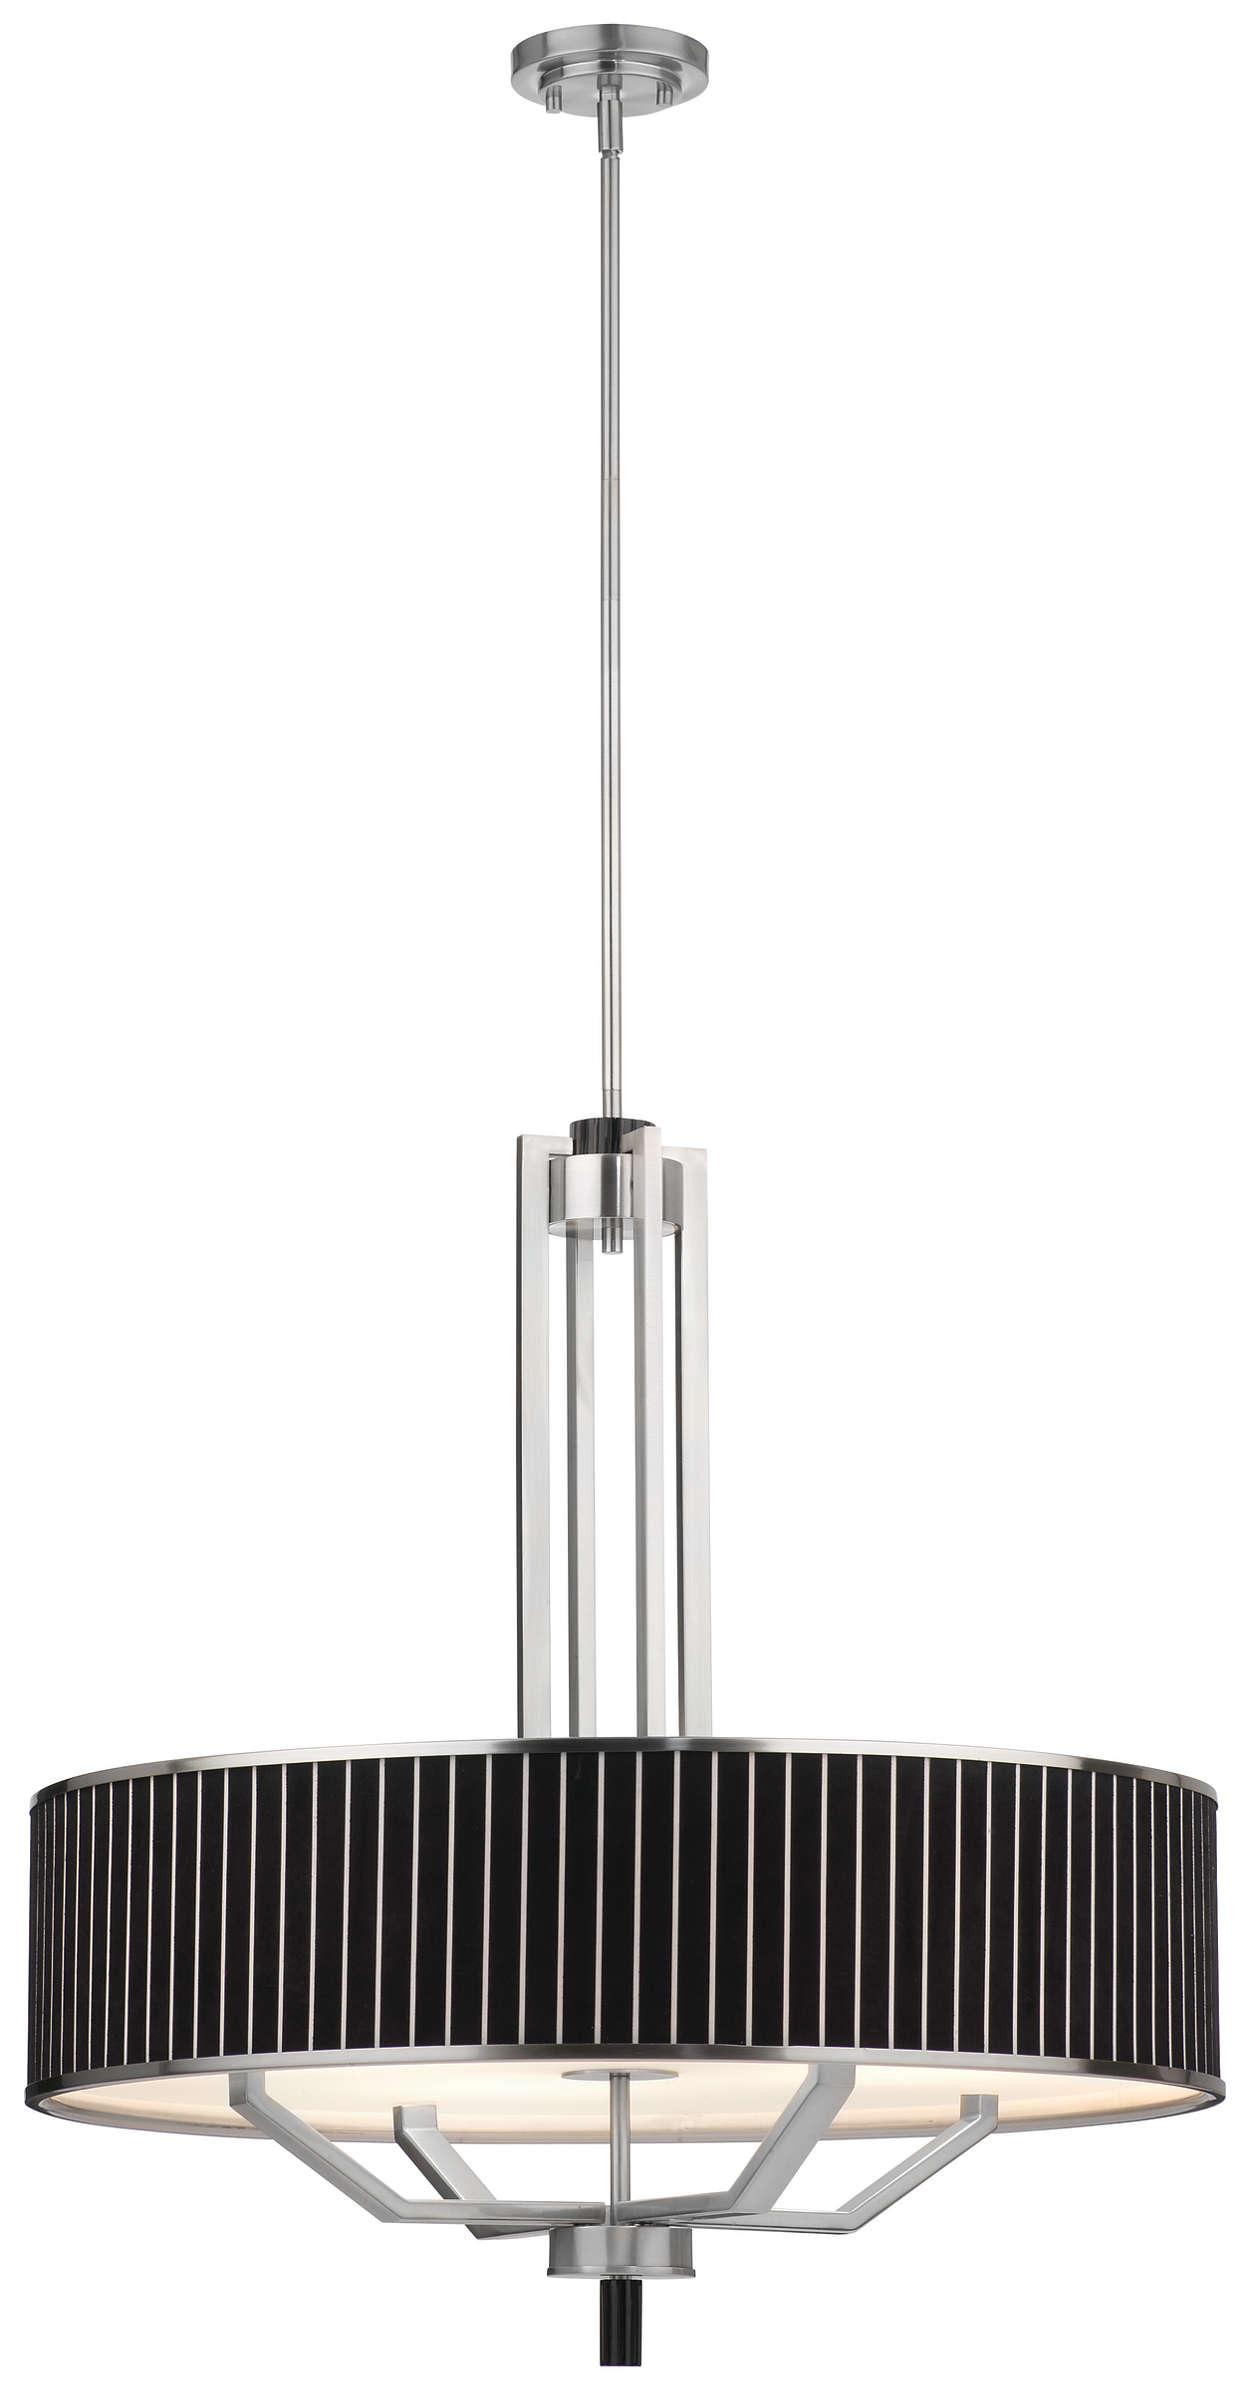 Haberdasher 4-light Pendant, Brushed Nickel finish